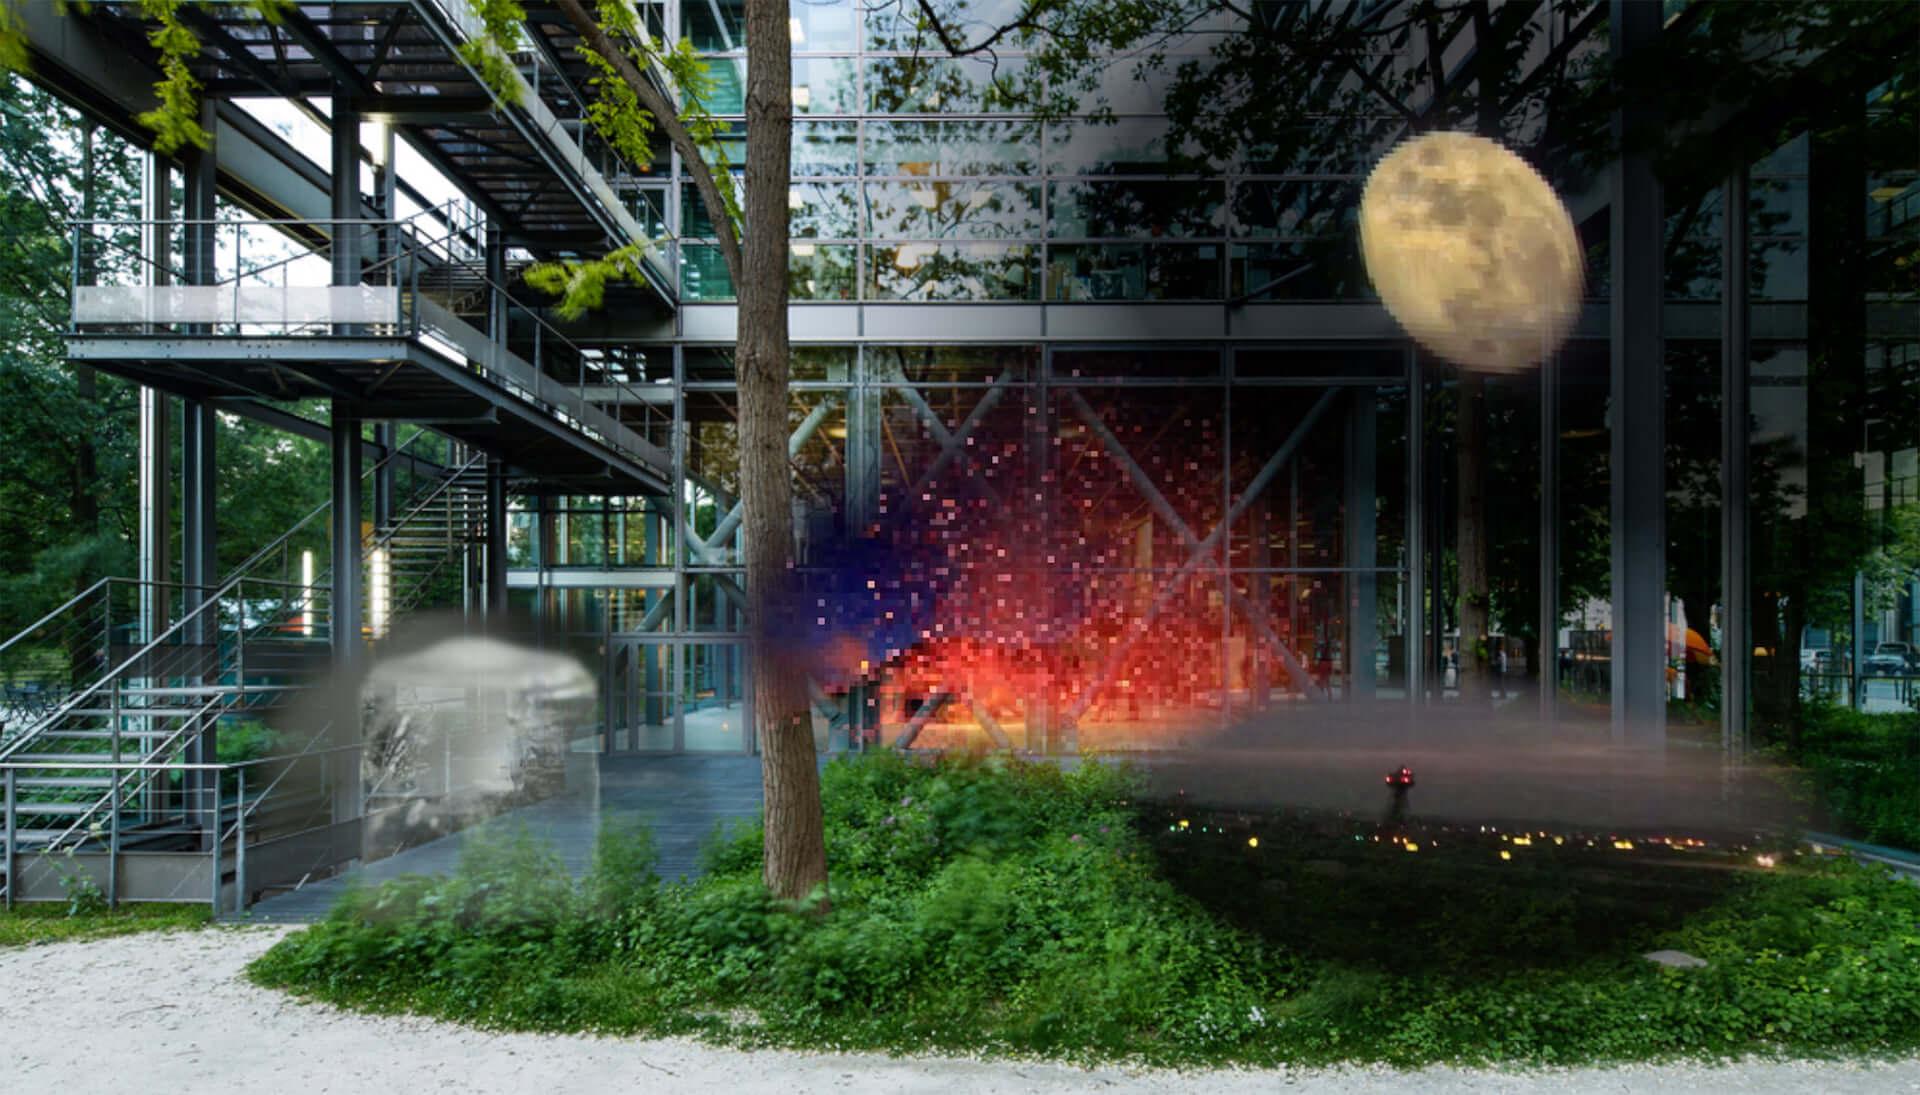 サラ・ジーのインスタレーションをARで体験しよう!カルティエ現代美術財団がアプリ『Night Vision 20/20』をリリース art210202_night-vision_1-1920x1095